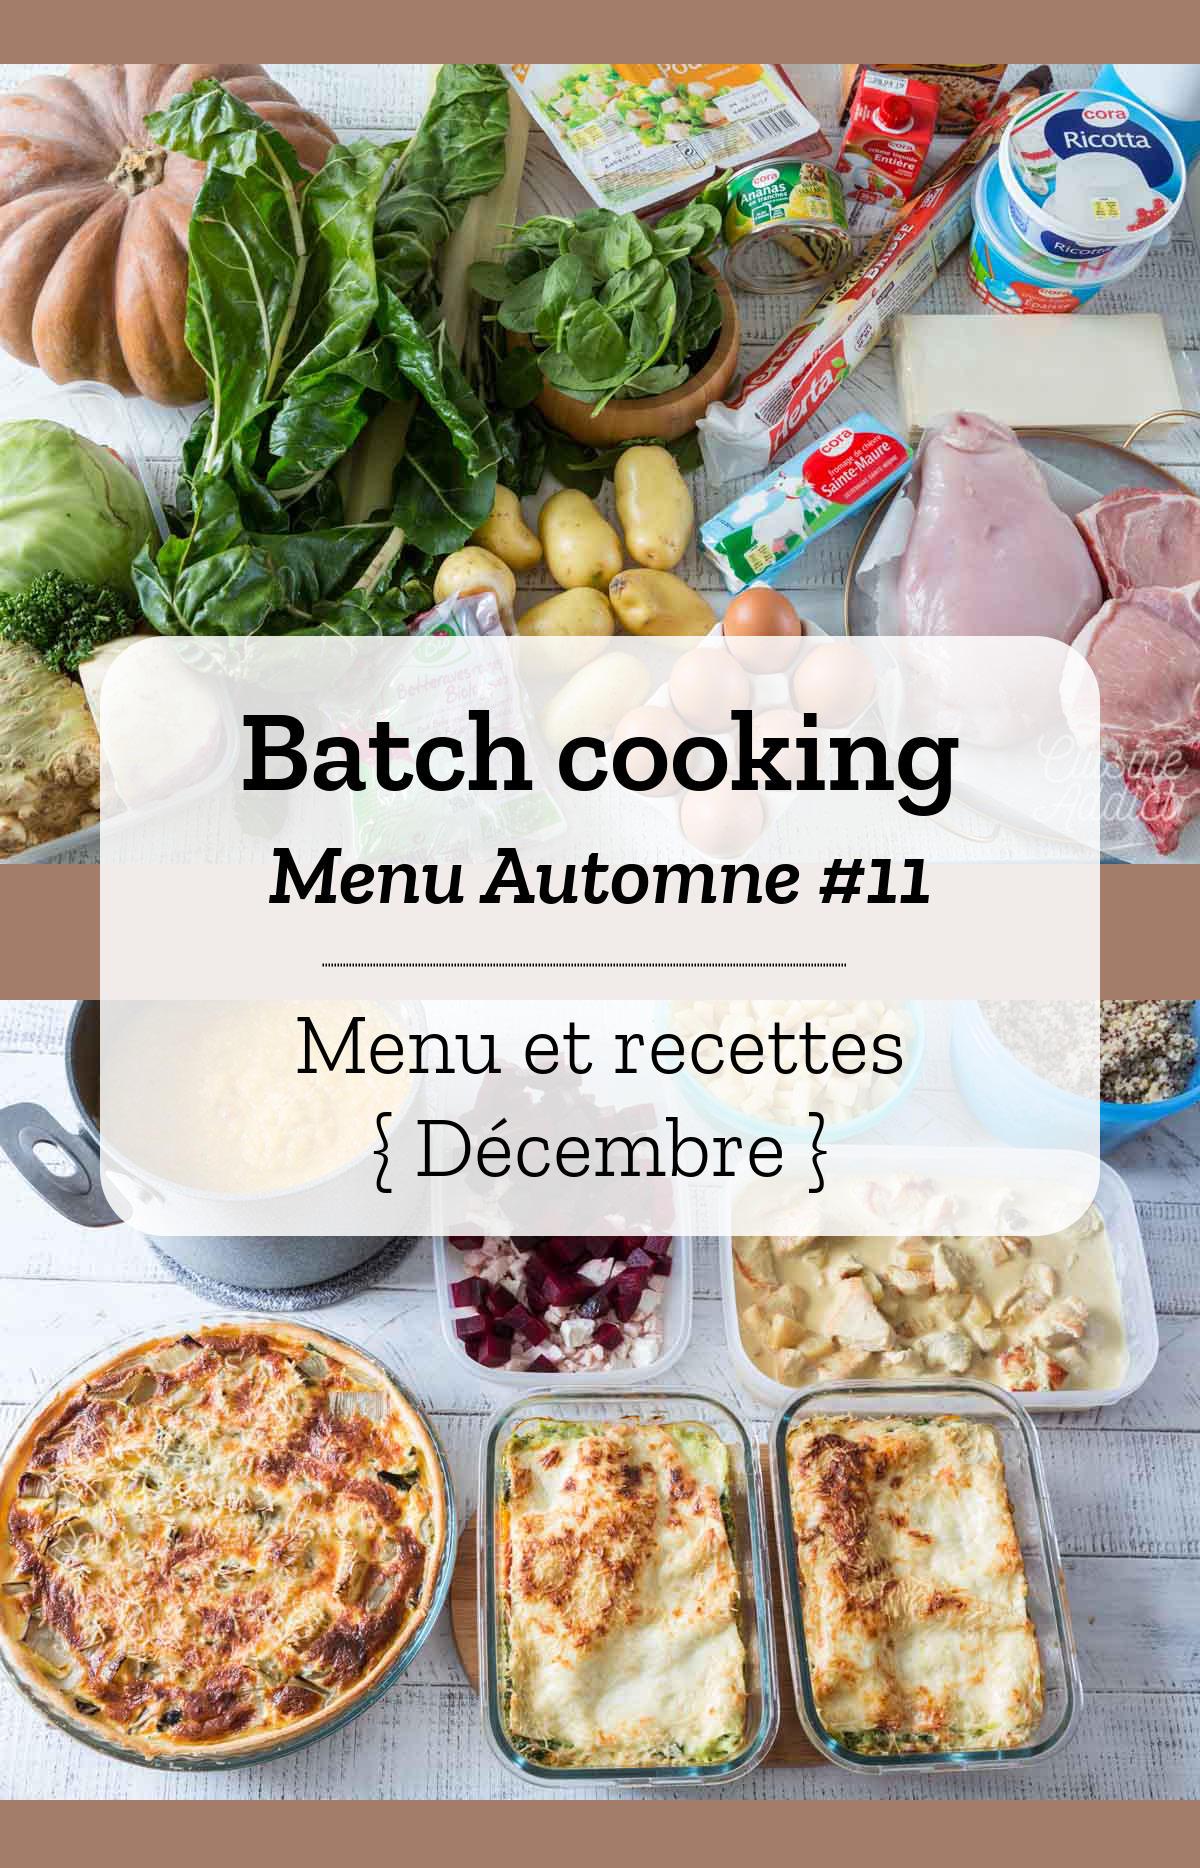 Batch cooking Automne #11 - Mois de Décembre - Semaine 49